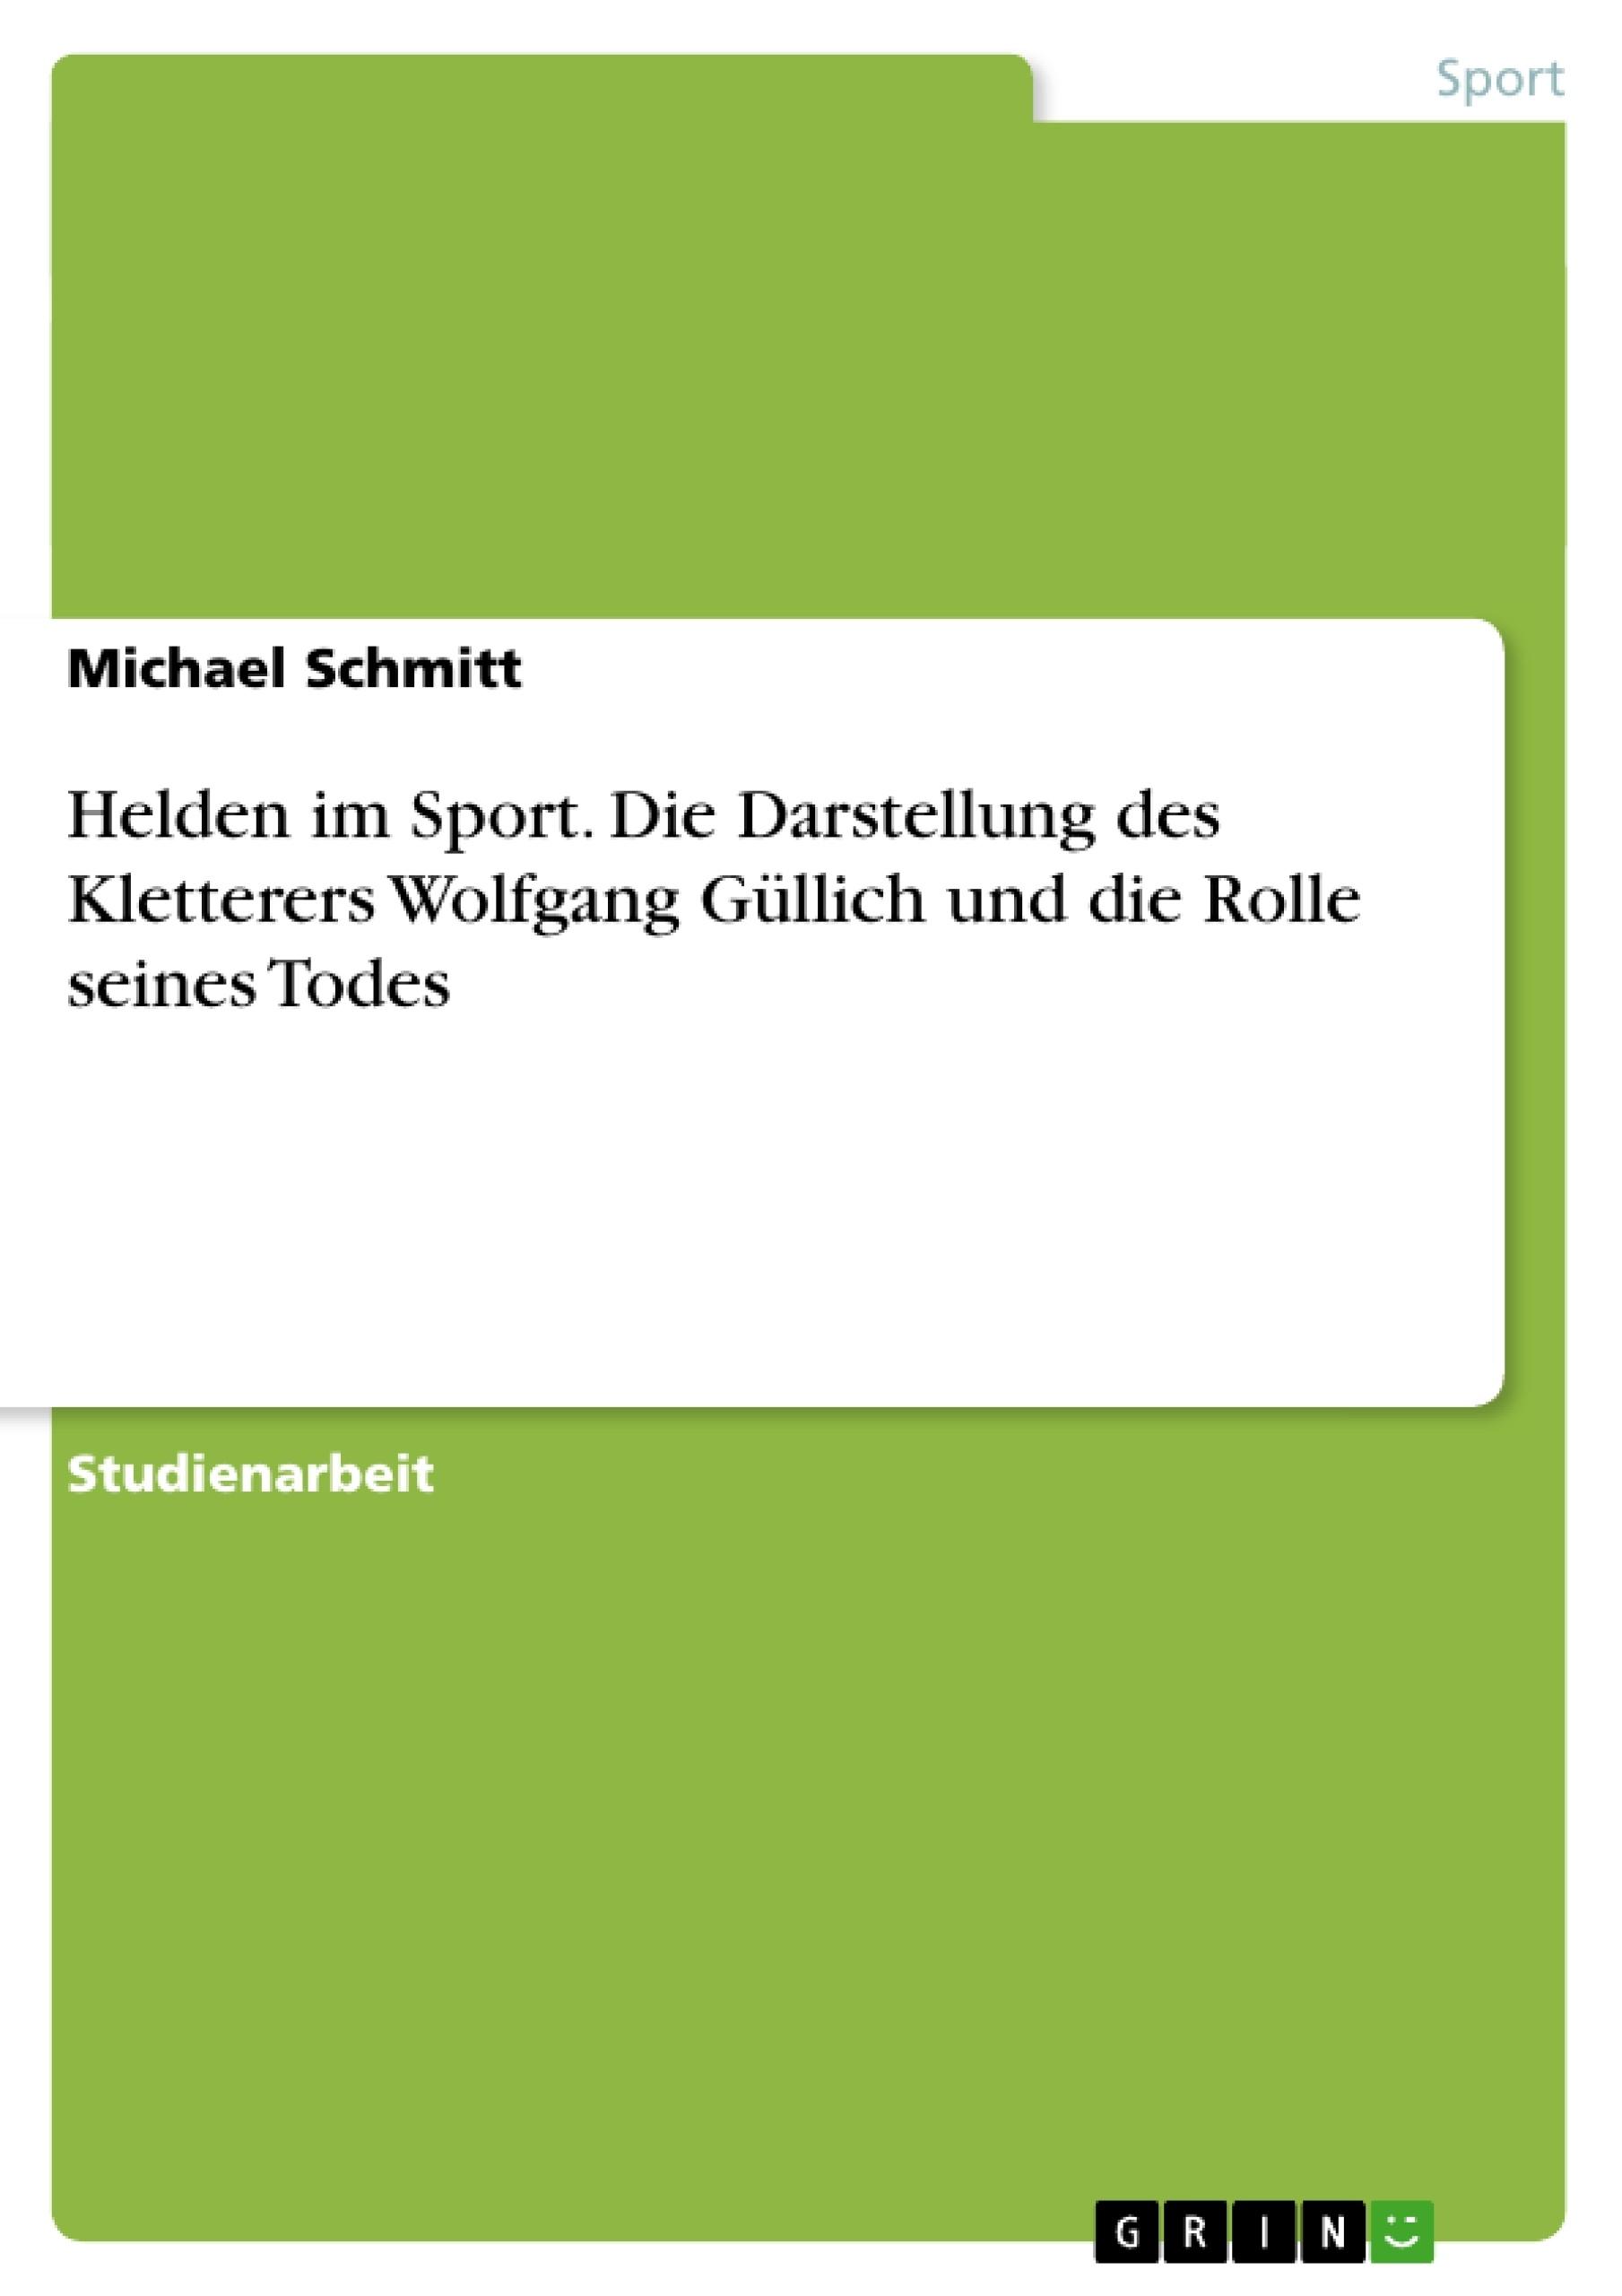 Titel: Helden im Sport. Die Darstellung des Kletterers Wolfgang Güllich und die Rolle seines Todes